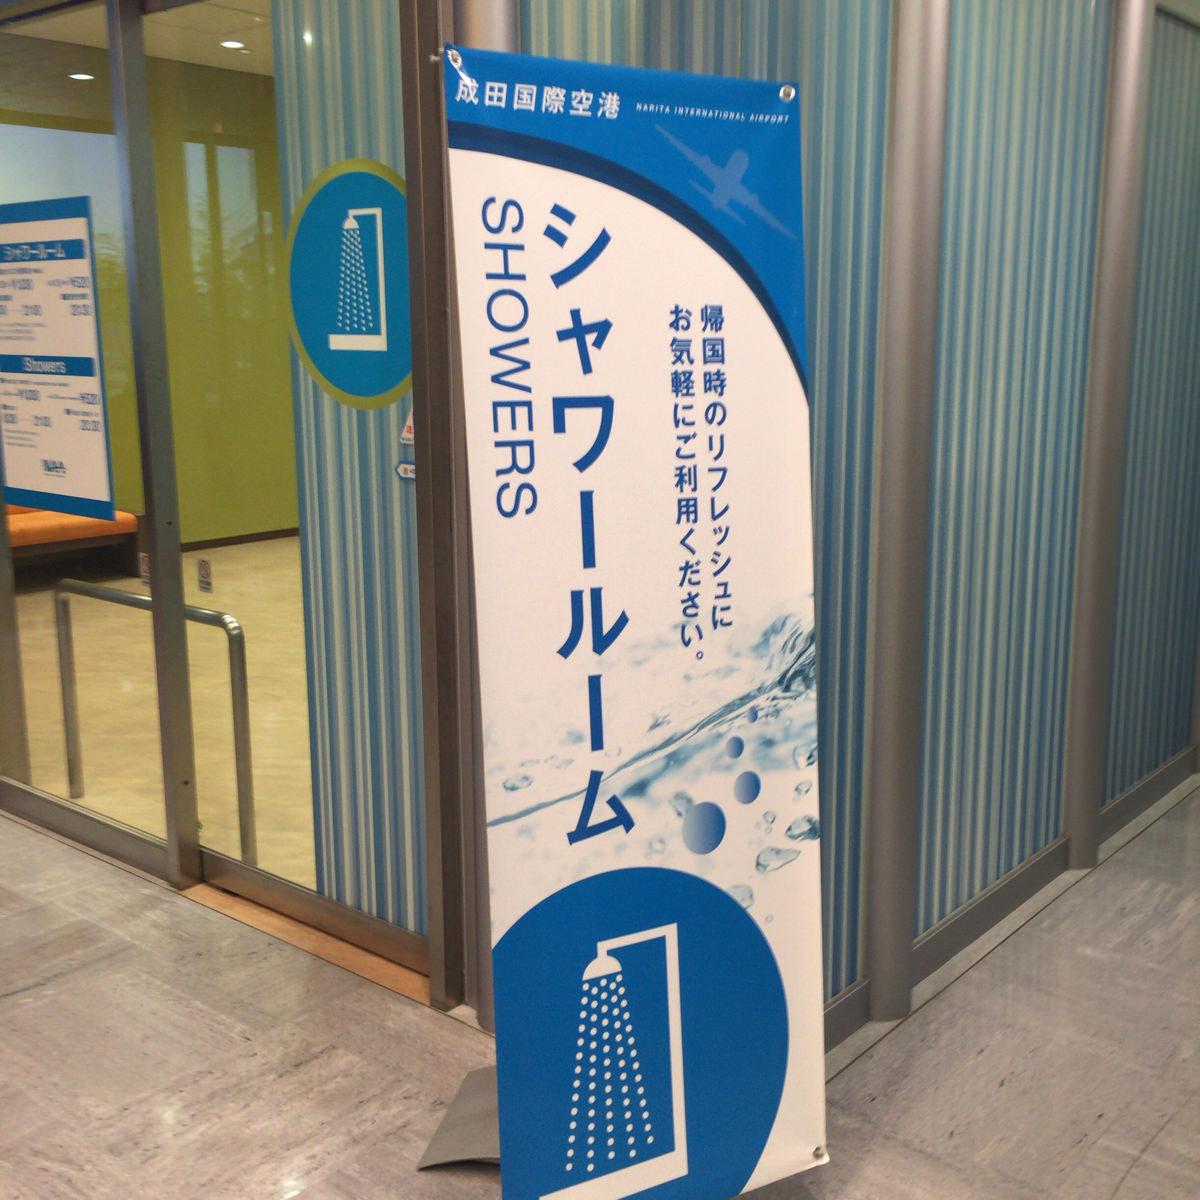 成田国際空港 第一ターミナル シャワールーム